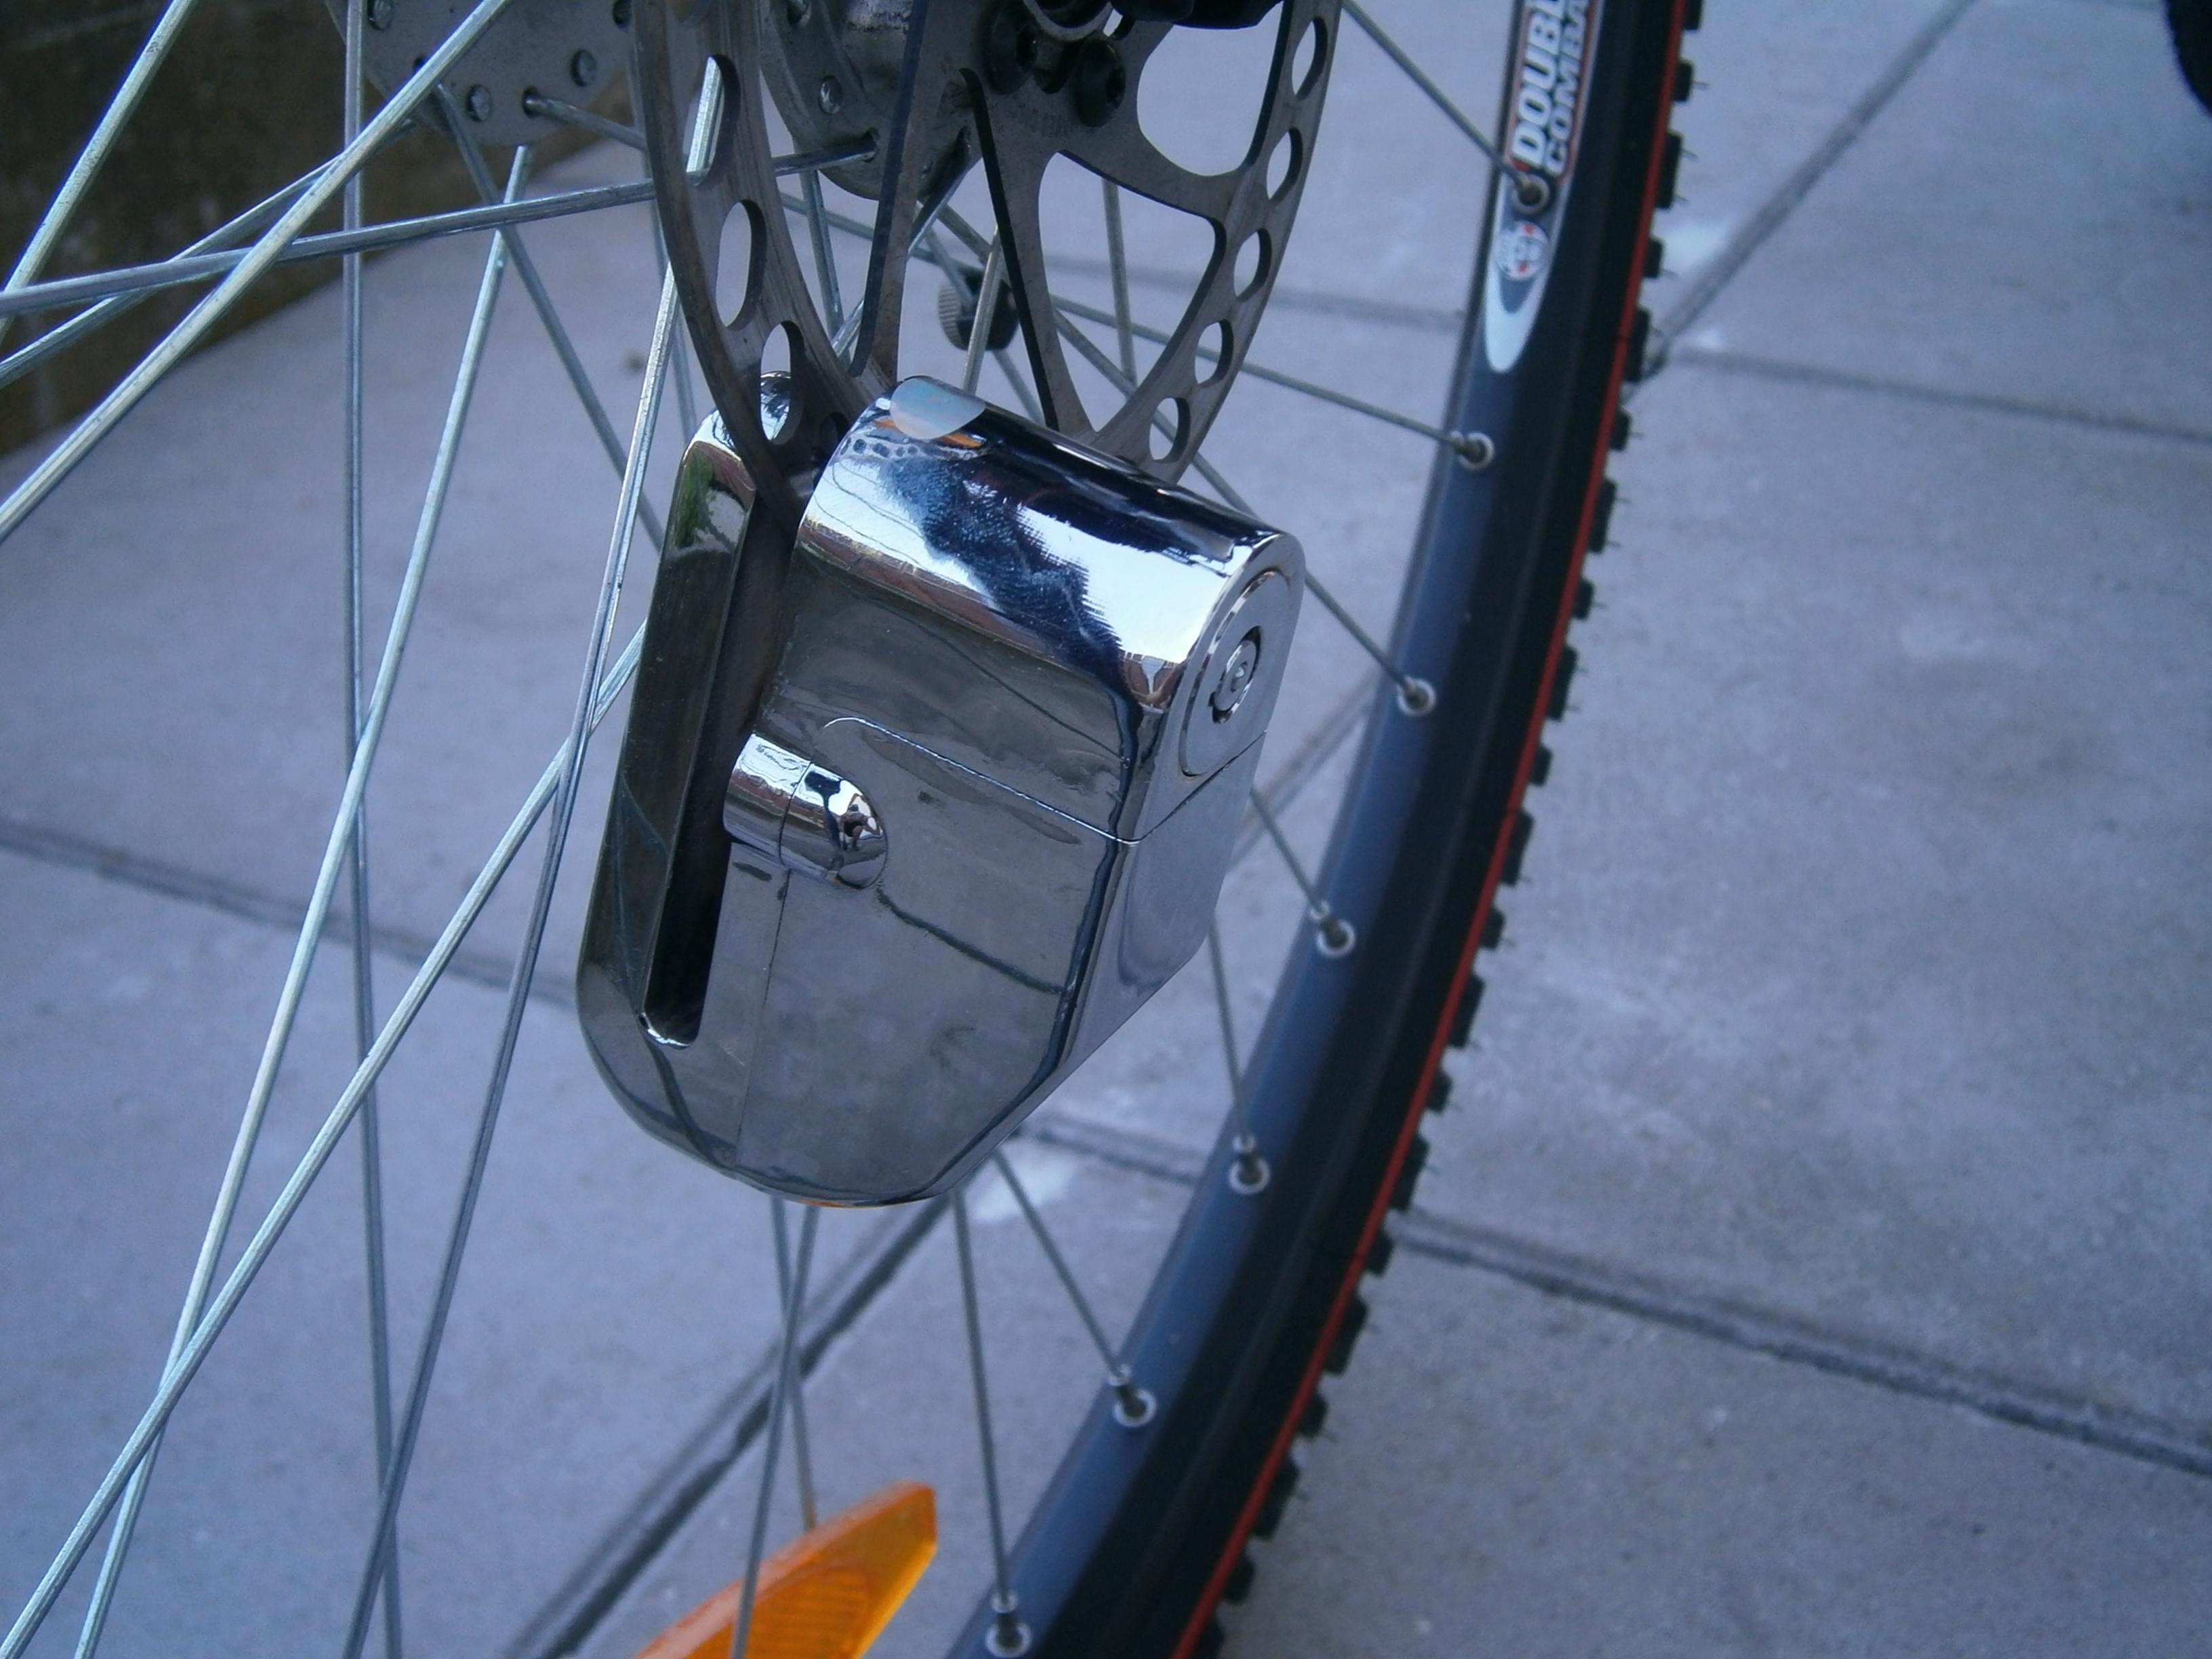 ocelovy zamek motorku / kolo